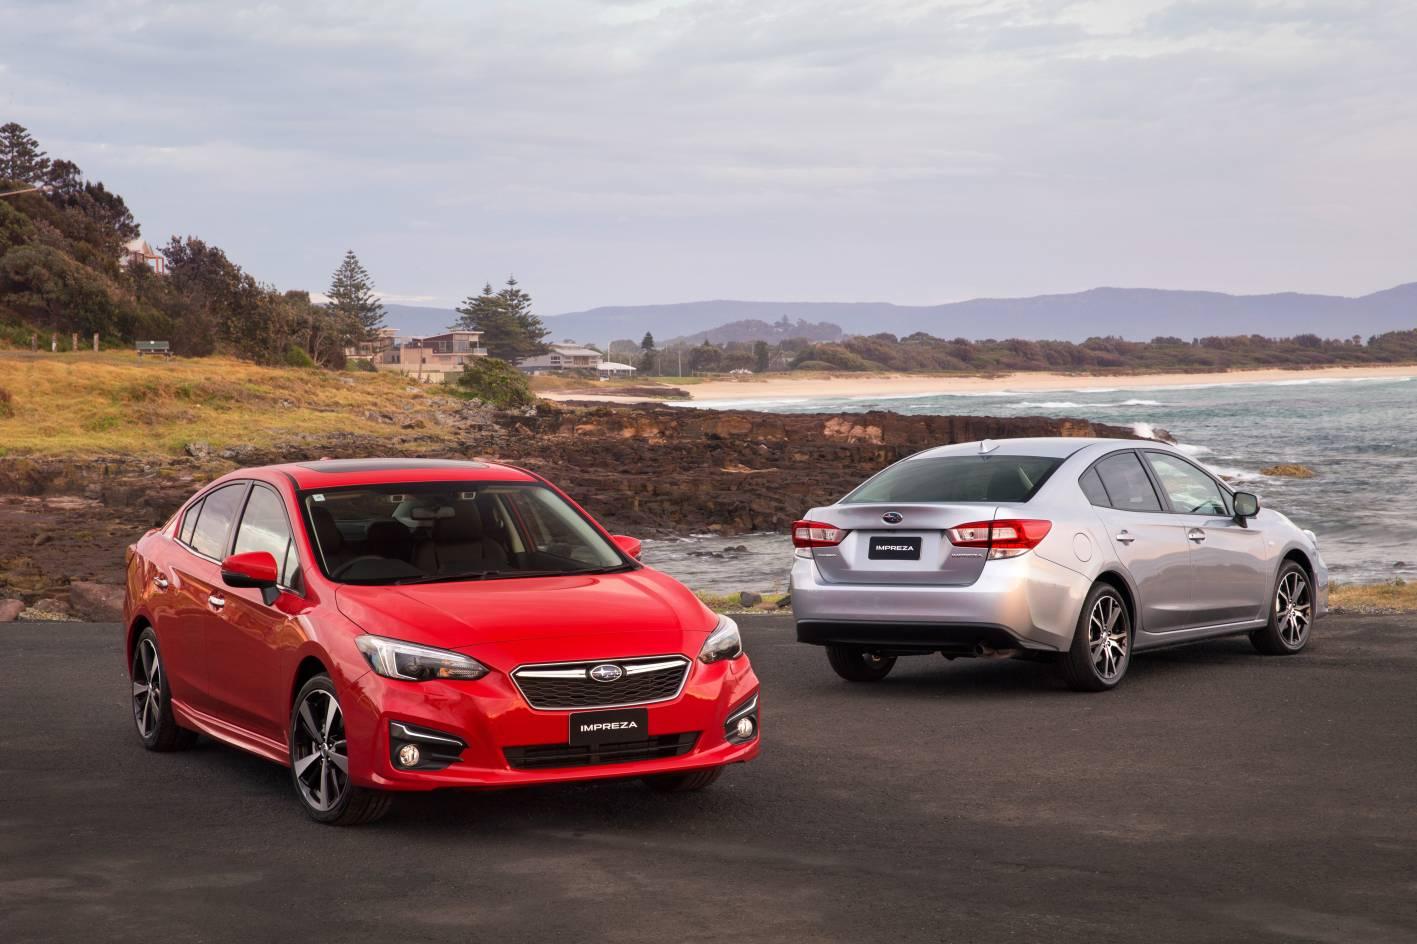 Subaru Impreza review & buyer's guide — Auto Expert by John